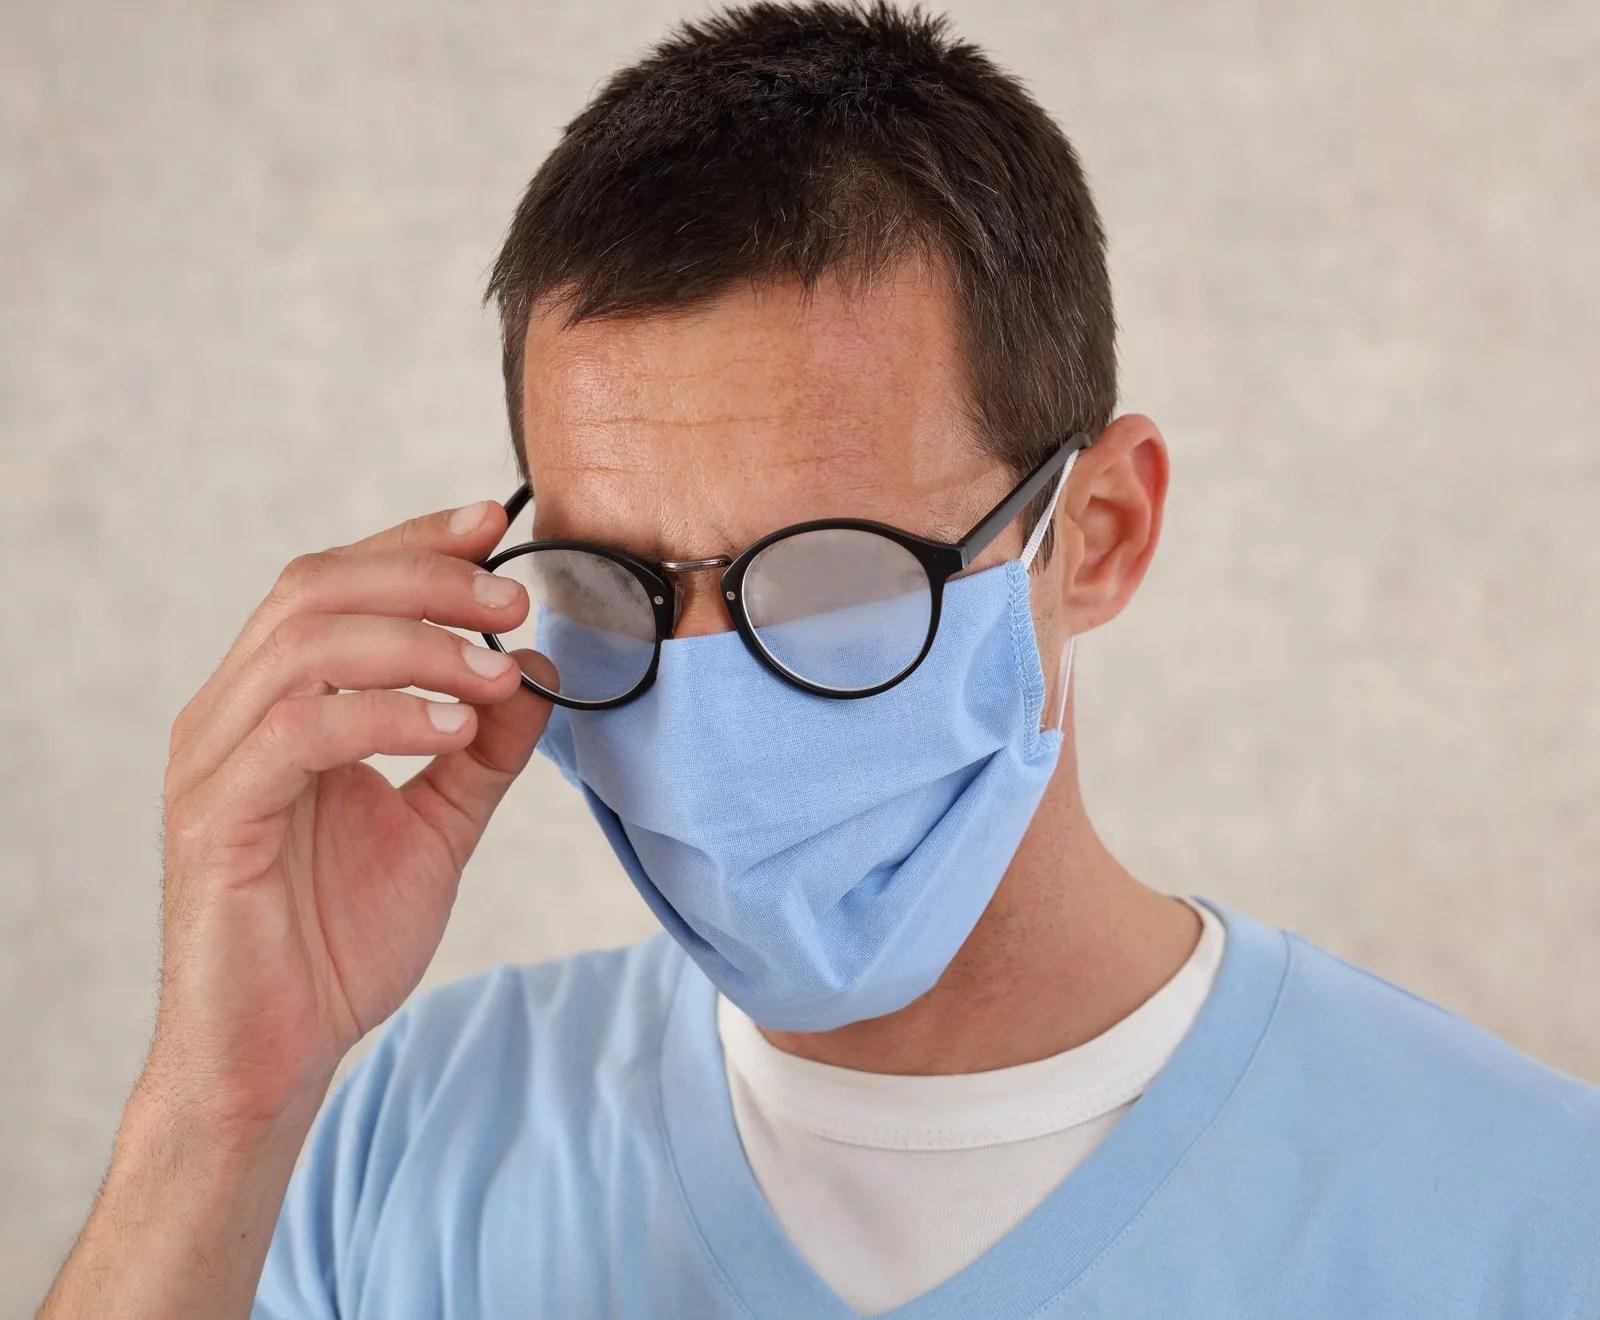 Cómo evitar que se empañen los lentes